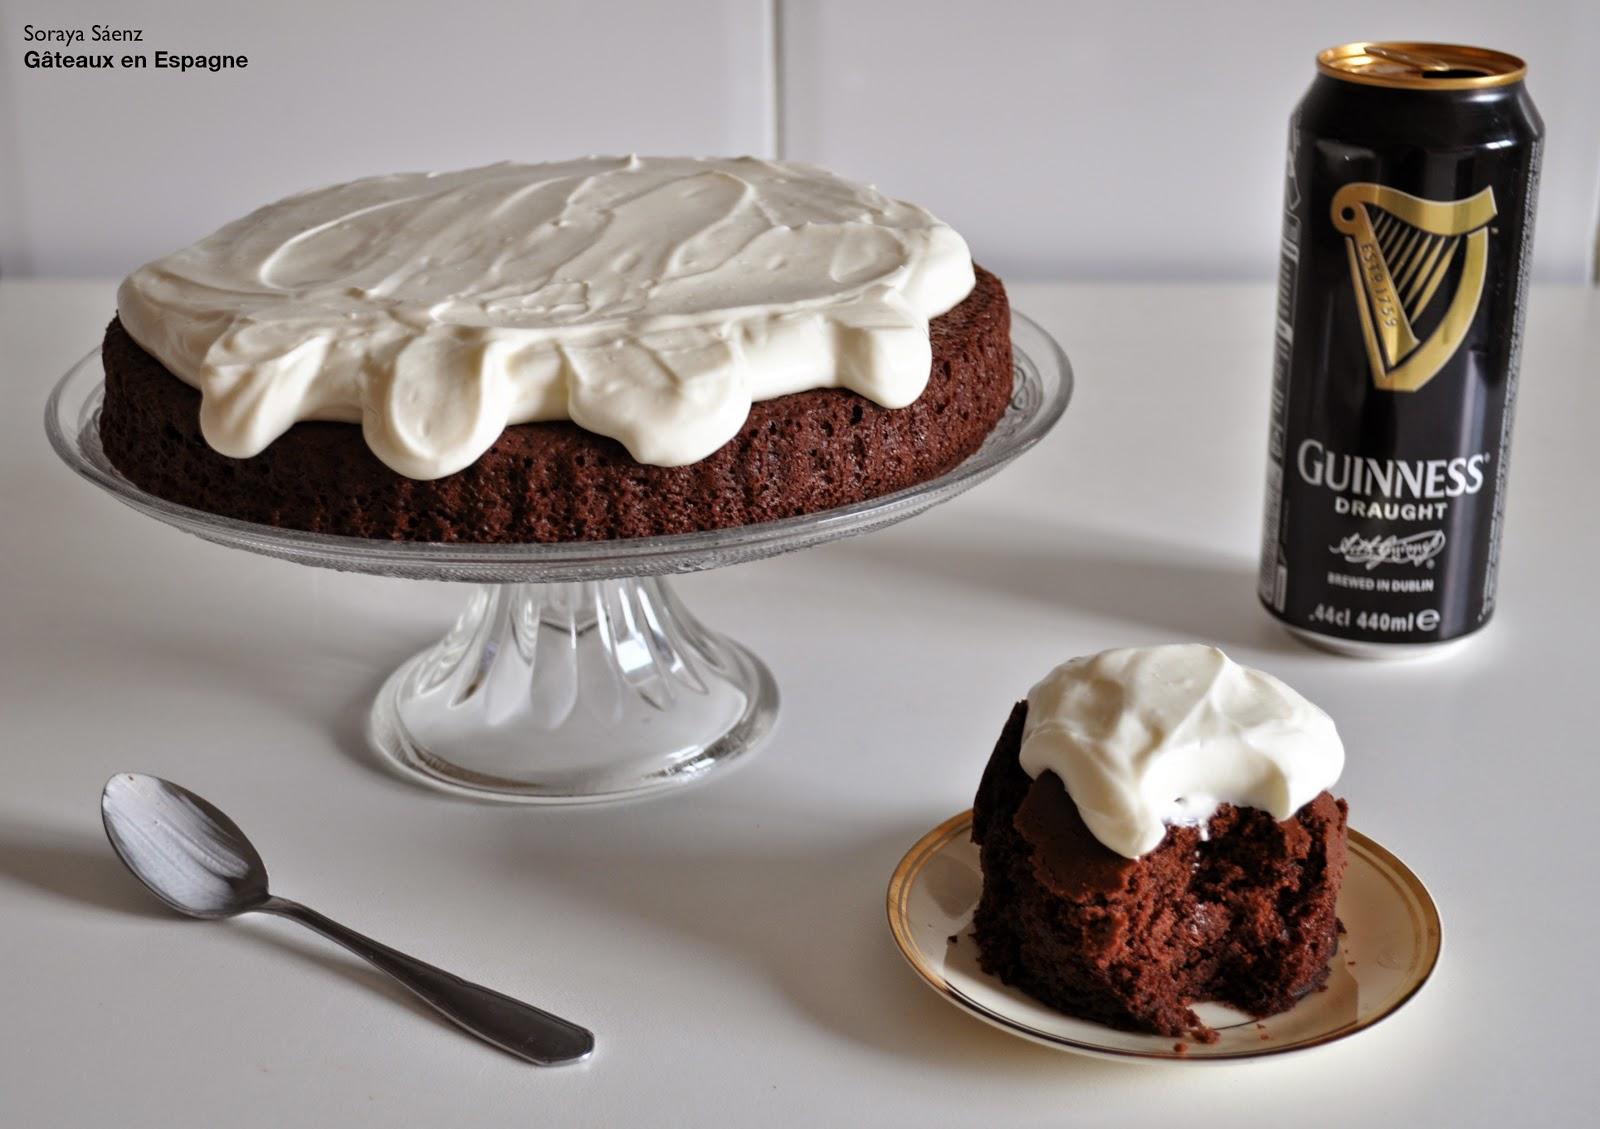 gateau chocolat biere noire guinness recette